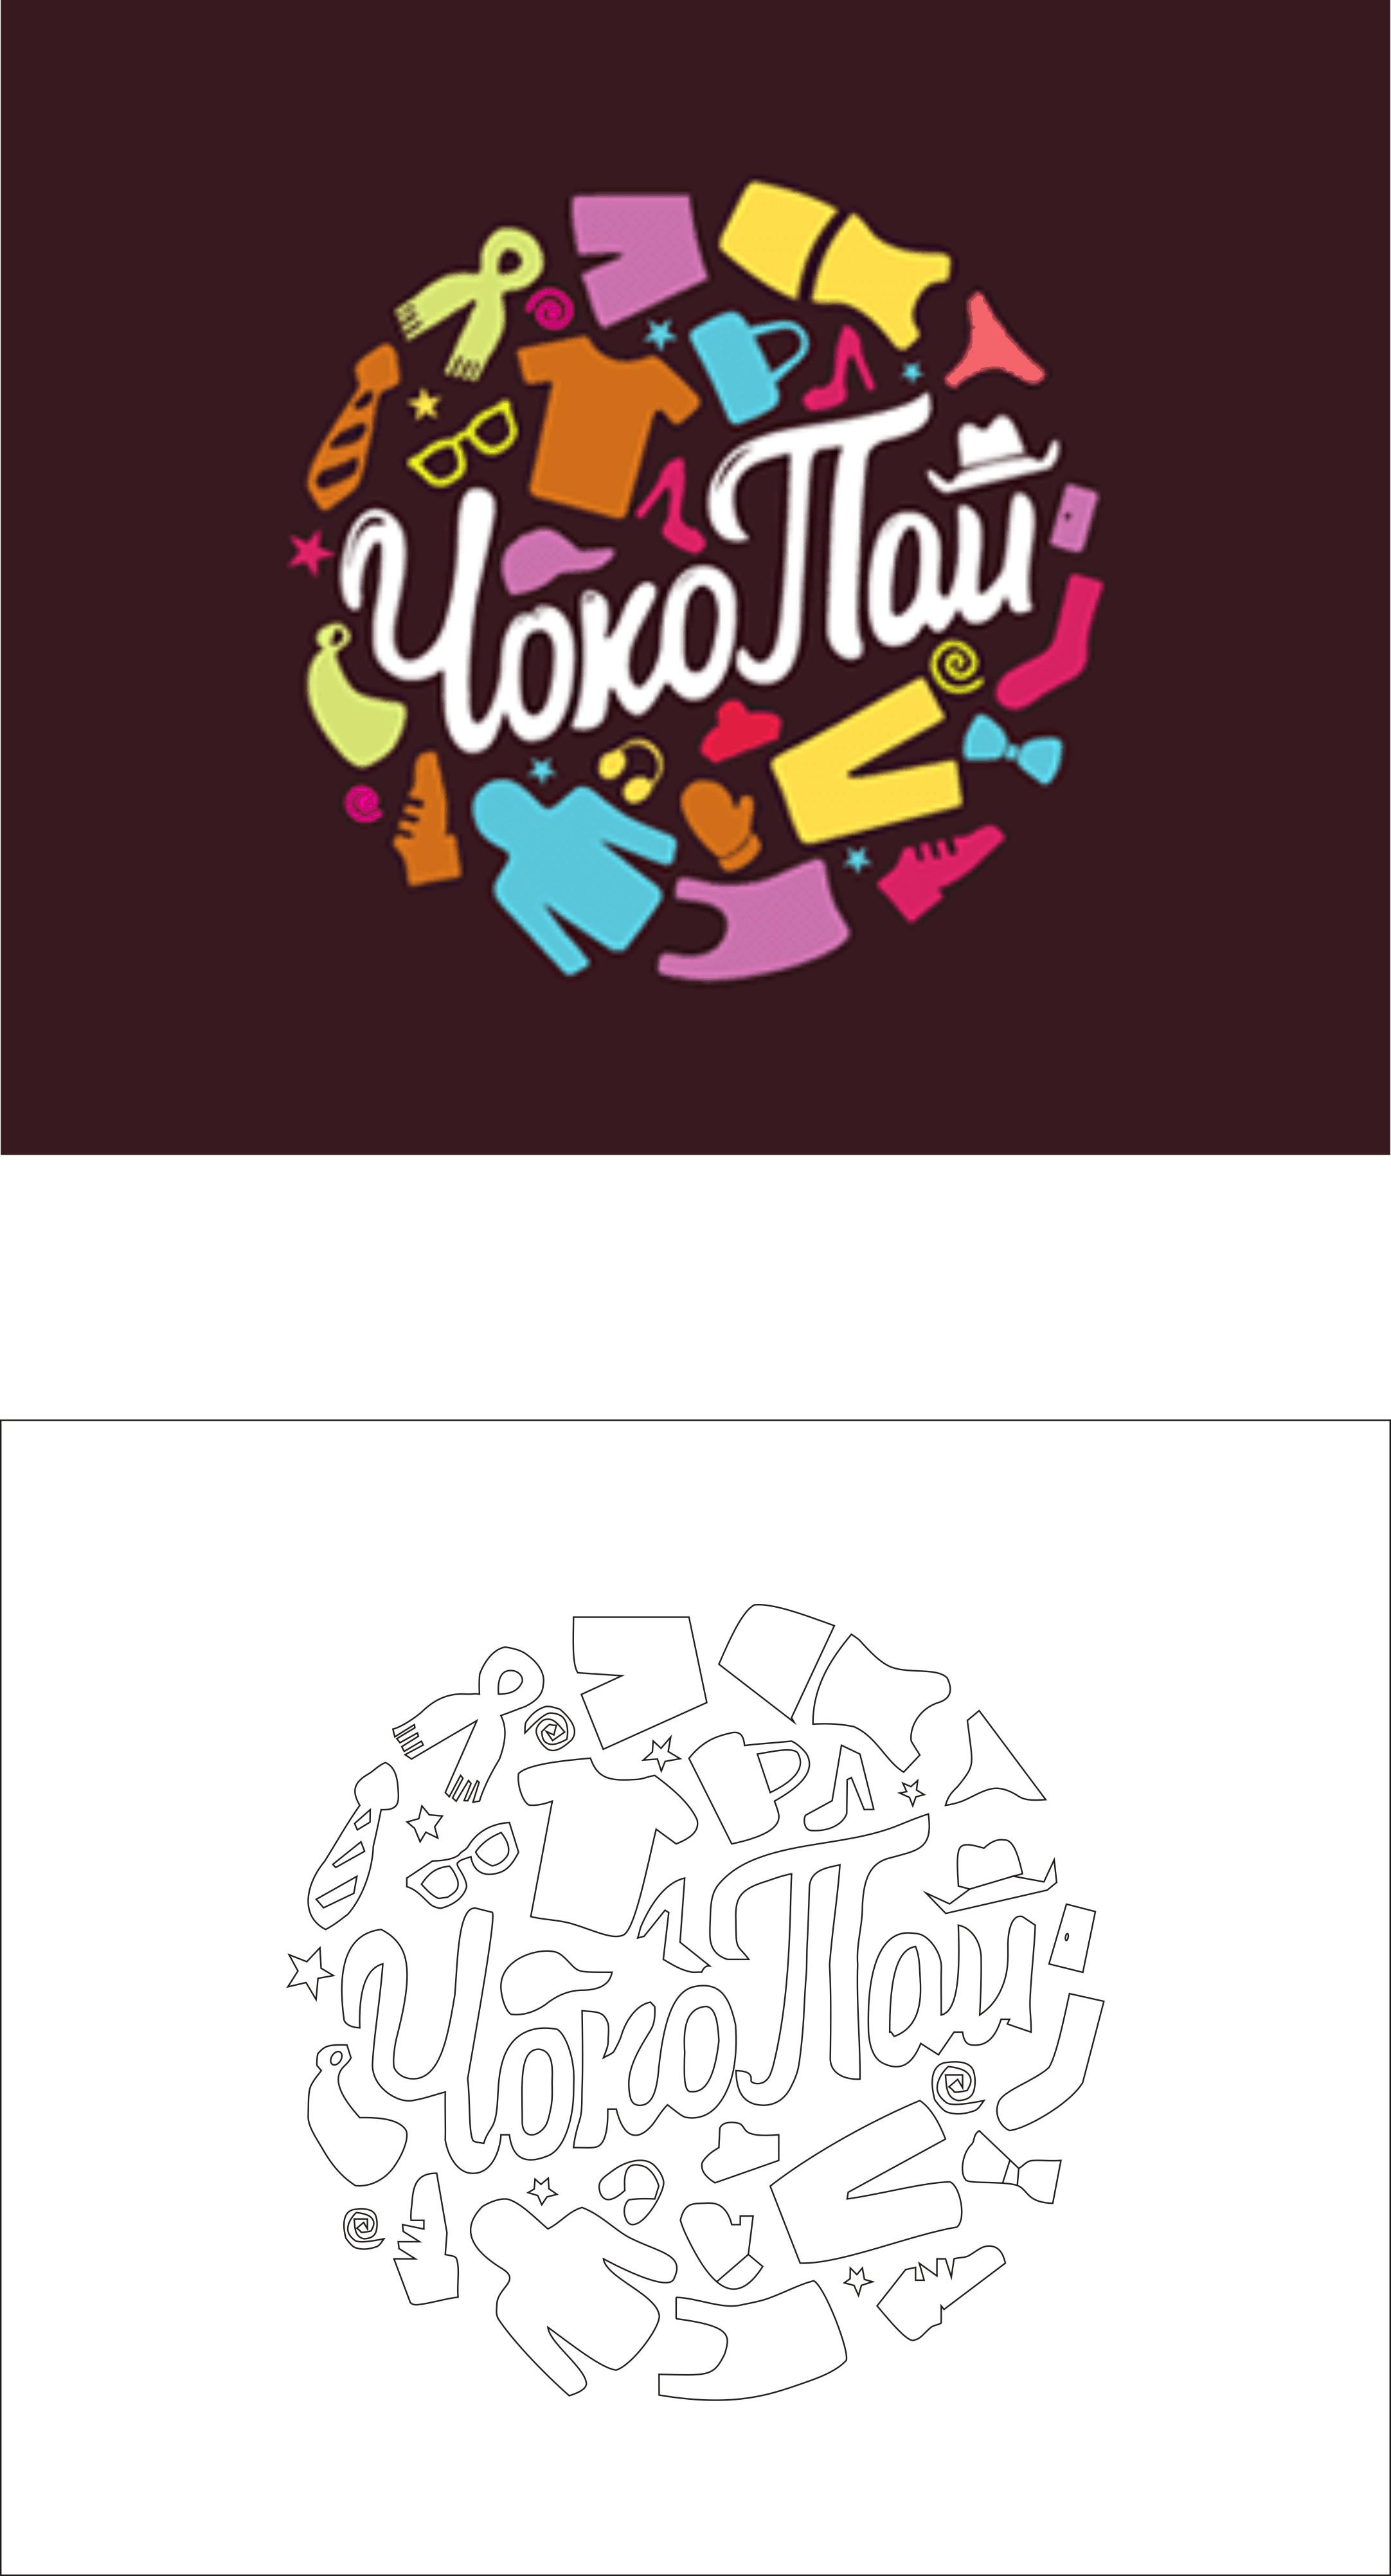 第三天作业logo设计